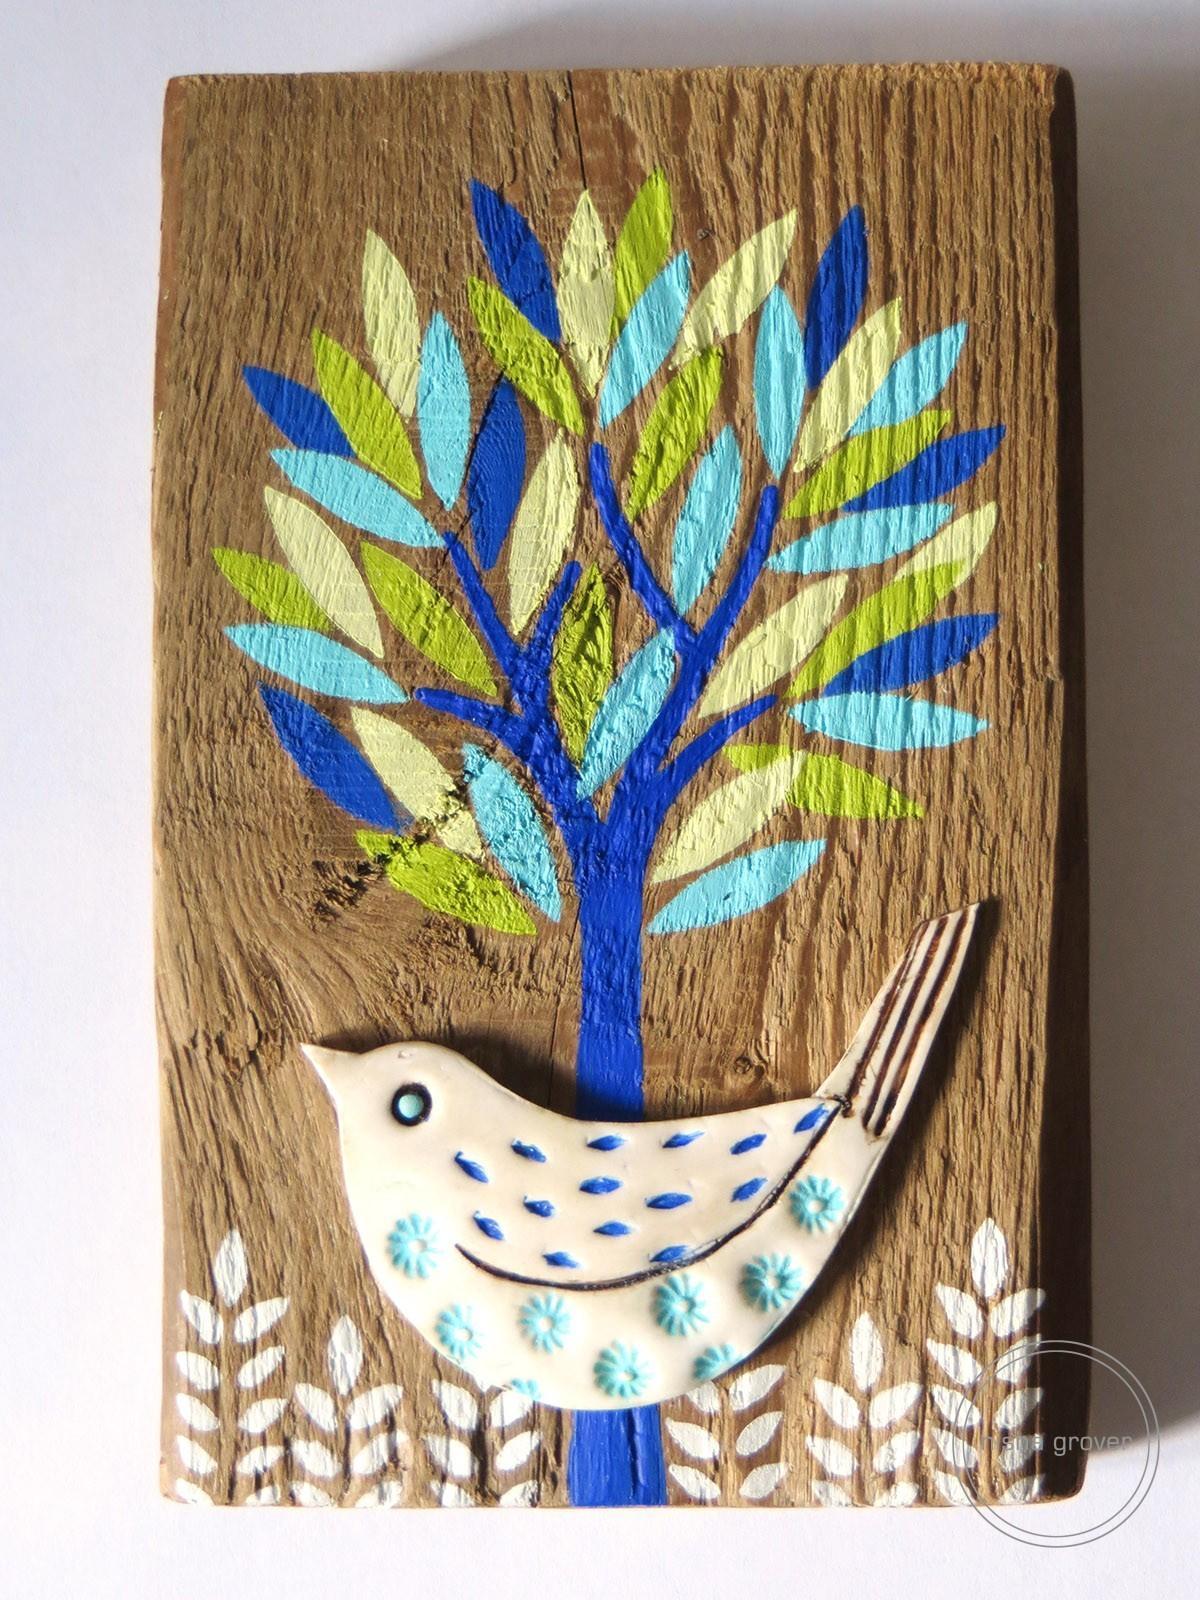 Bird in tree on wood